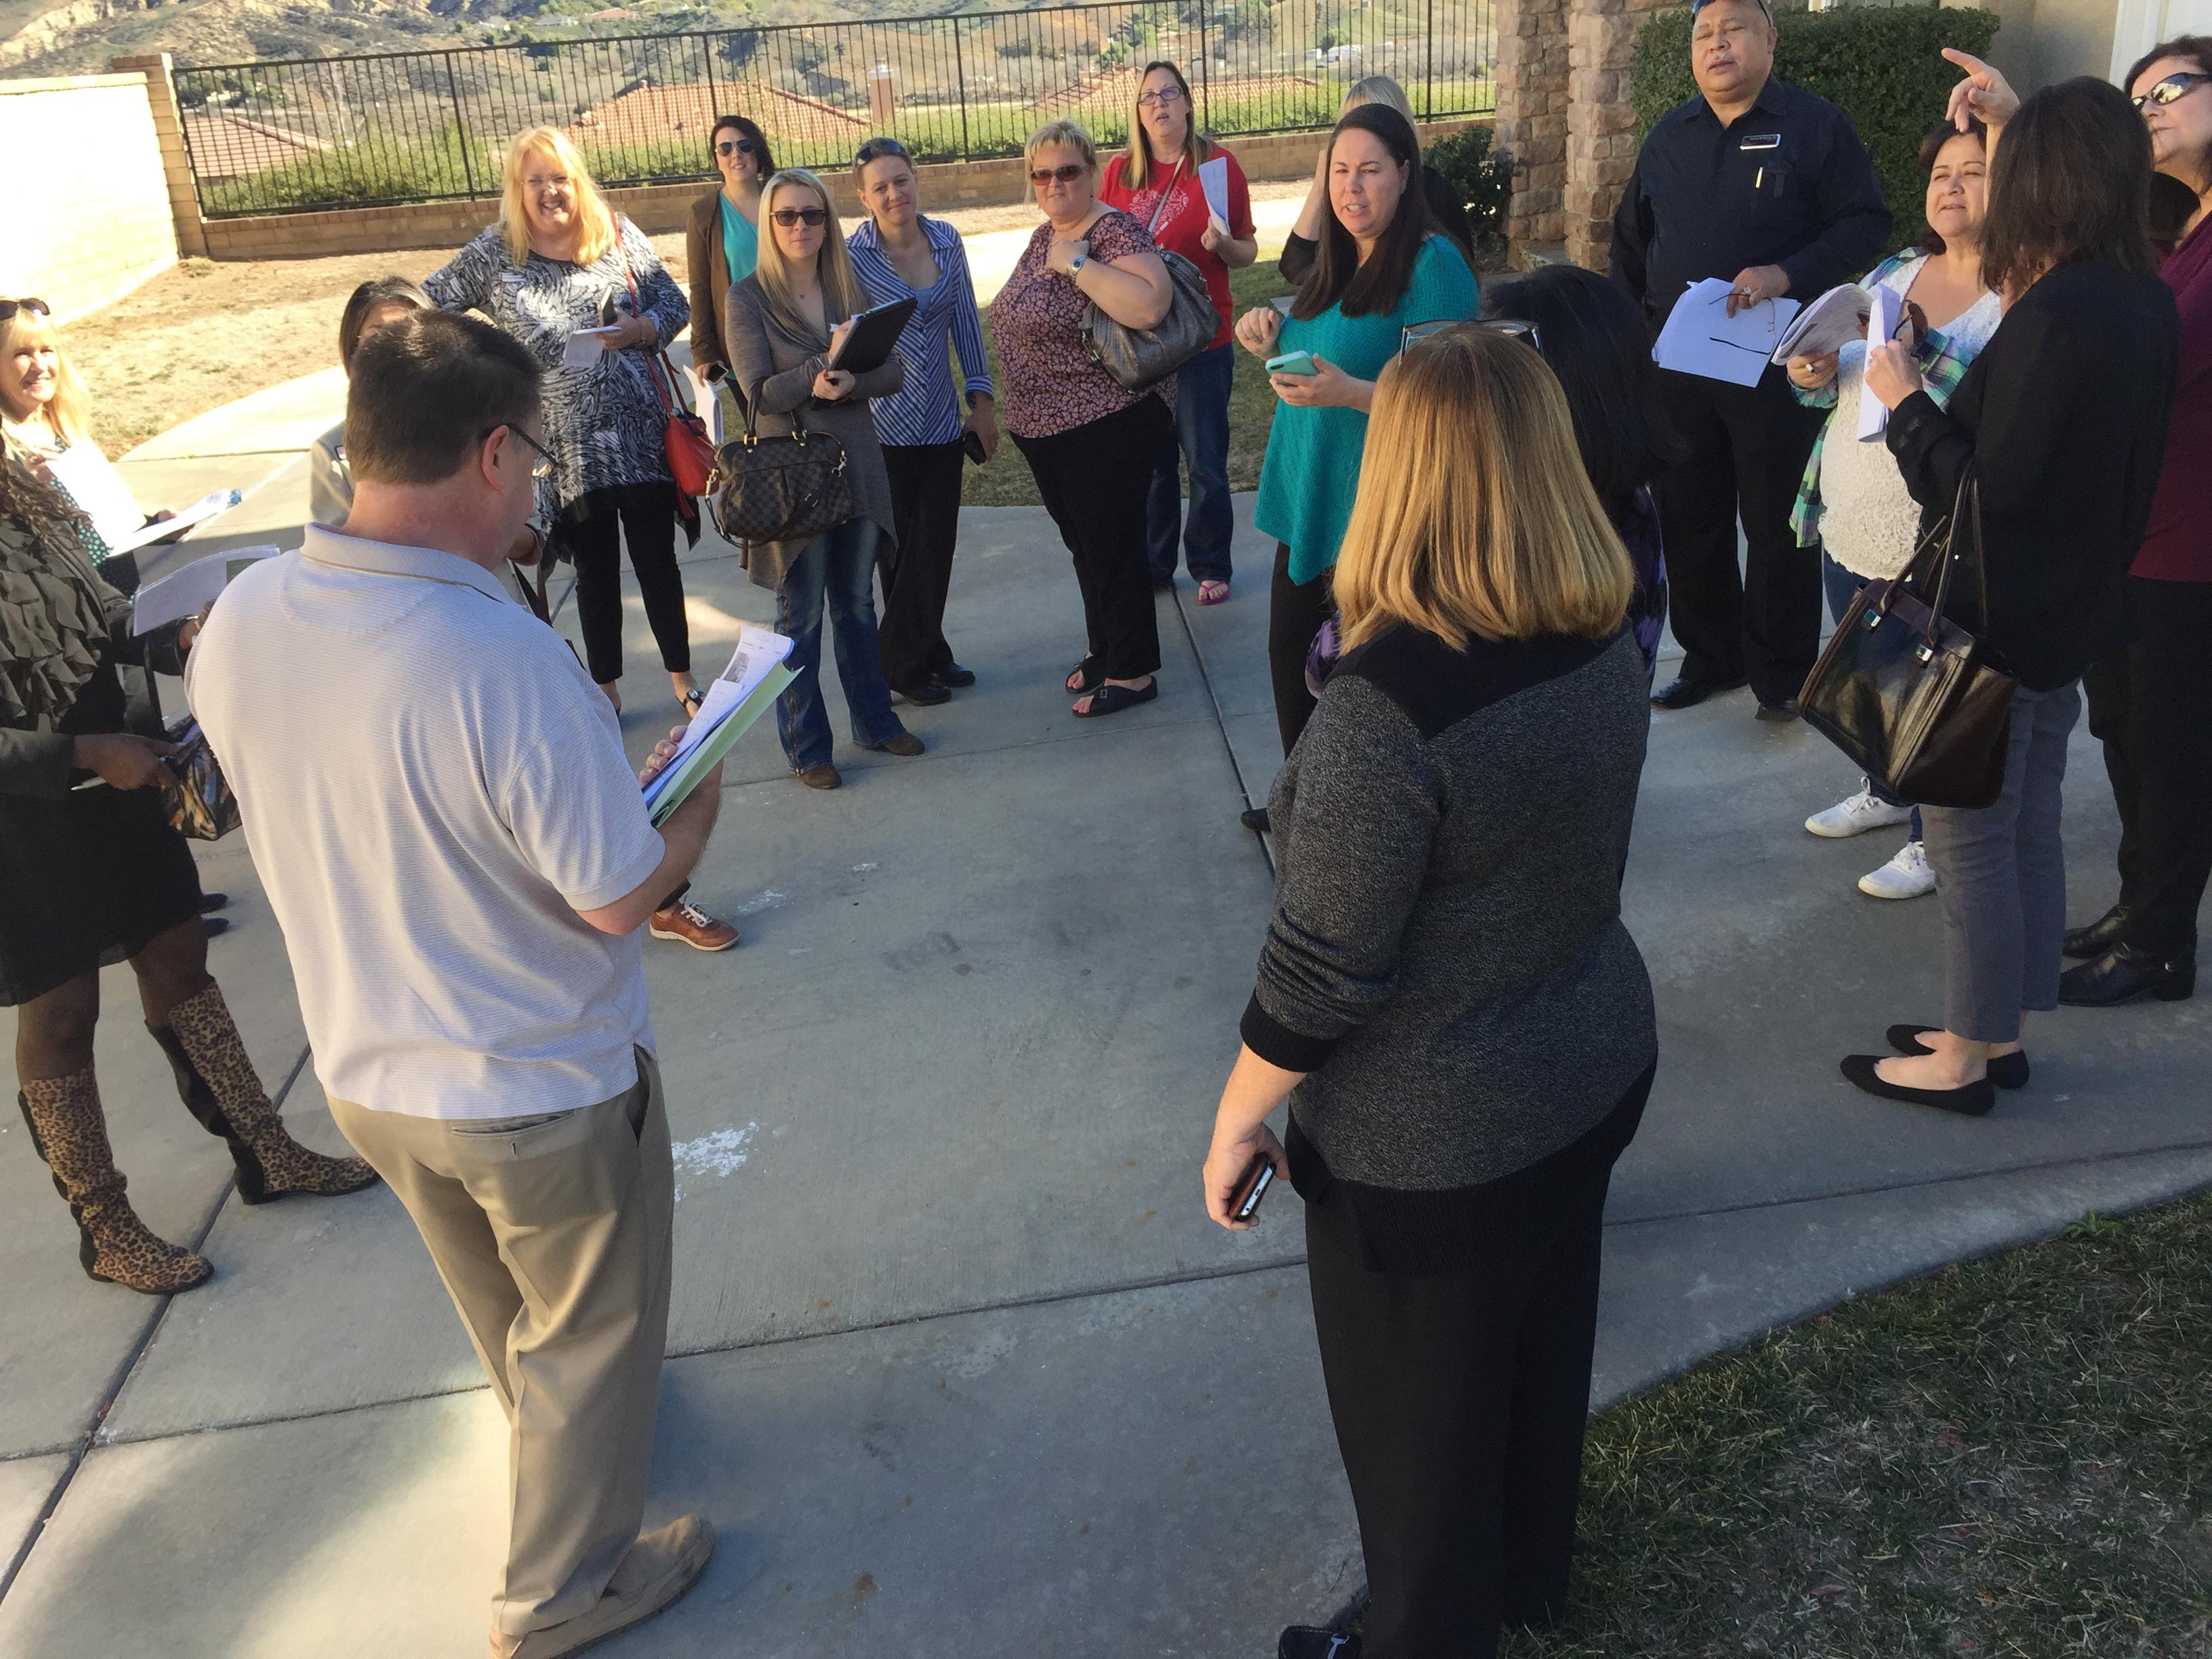 The KW Caravan - Monthly tour of properties in Santa Clarita